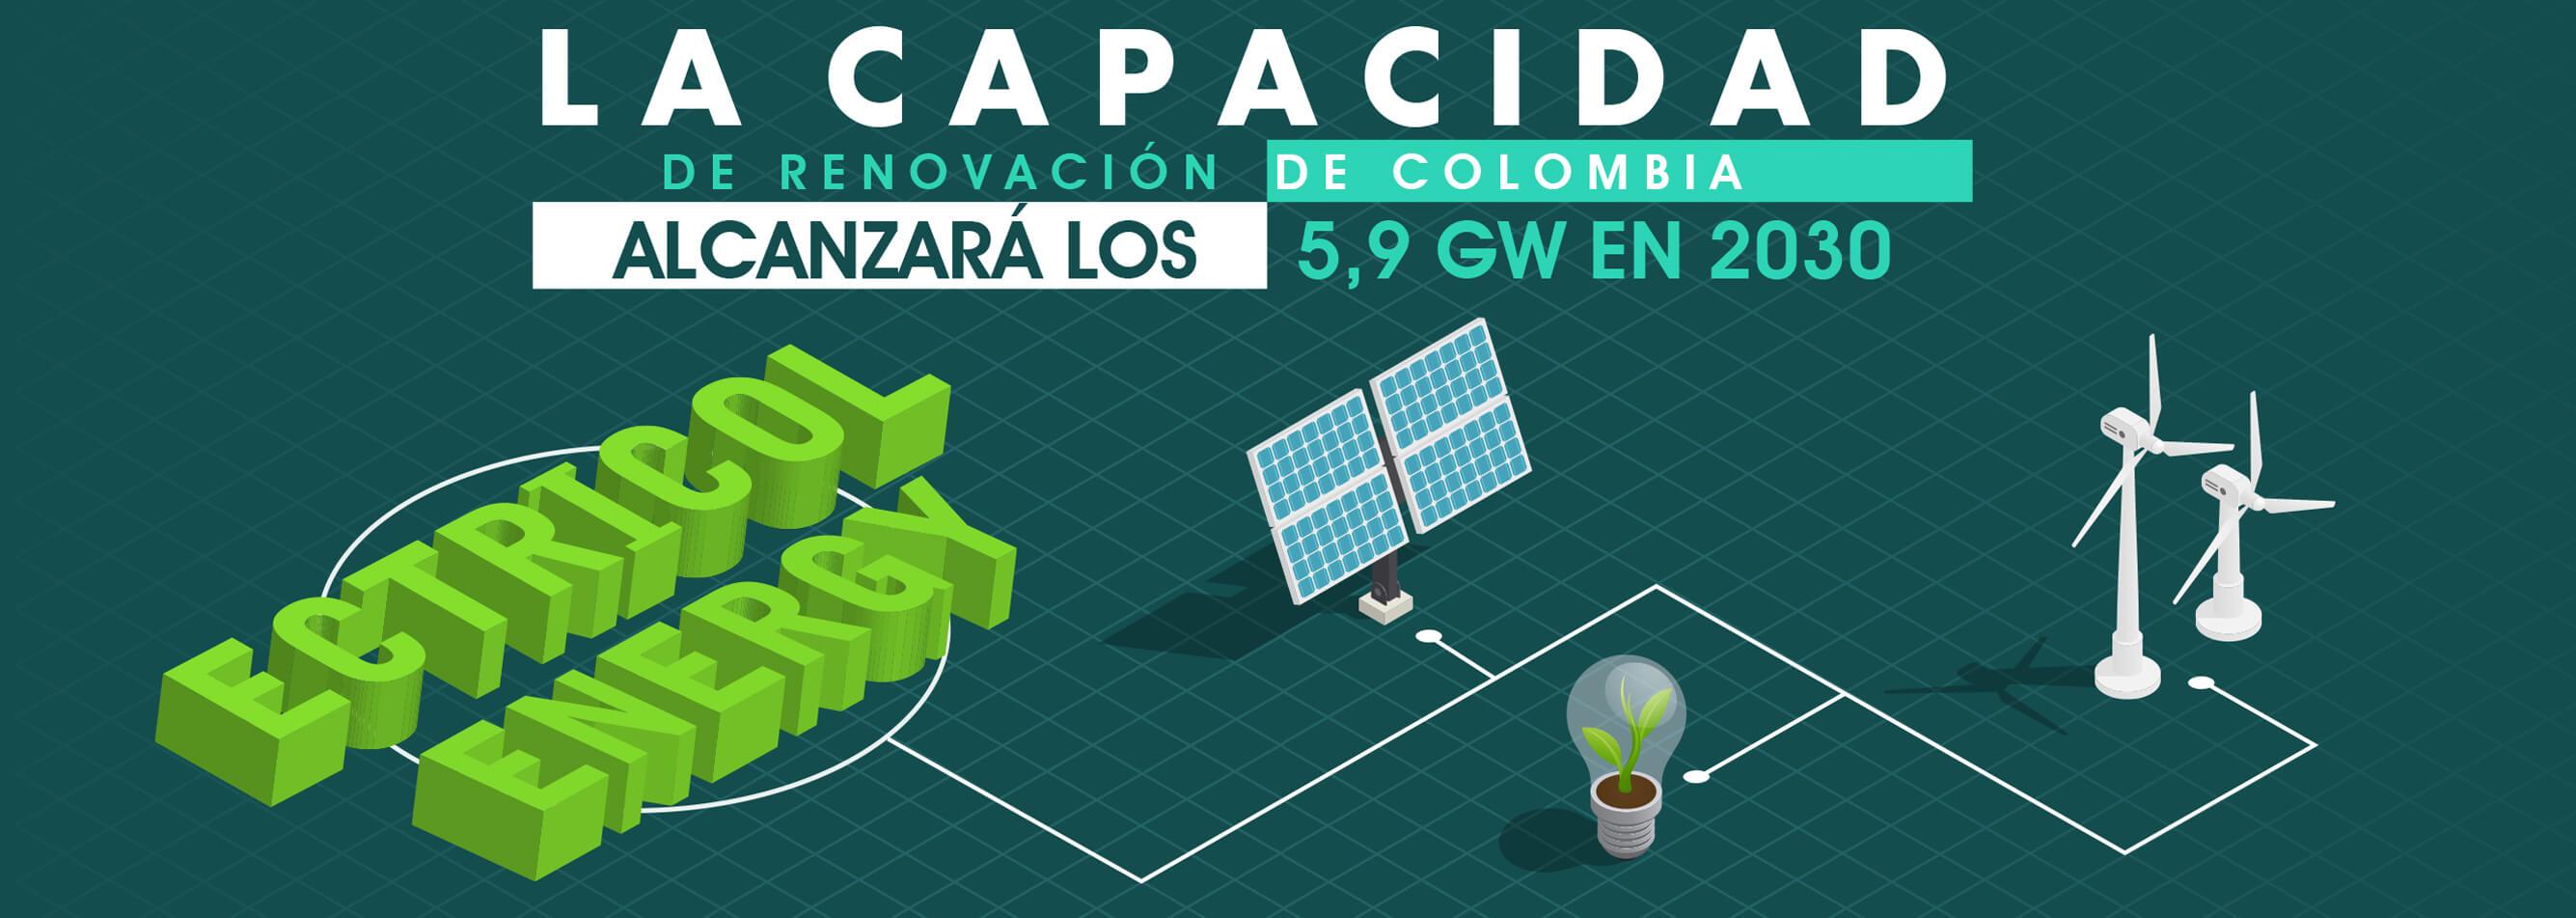 La capacidad de renovación de Colombia alcanzará los 5,9 GW en 2030